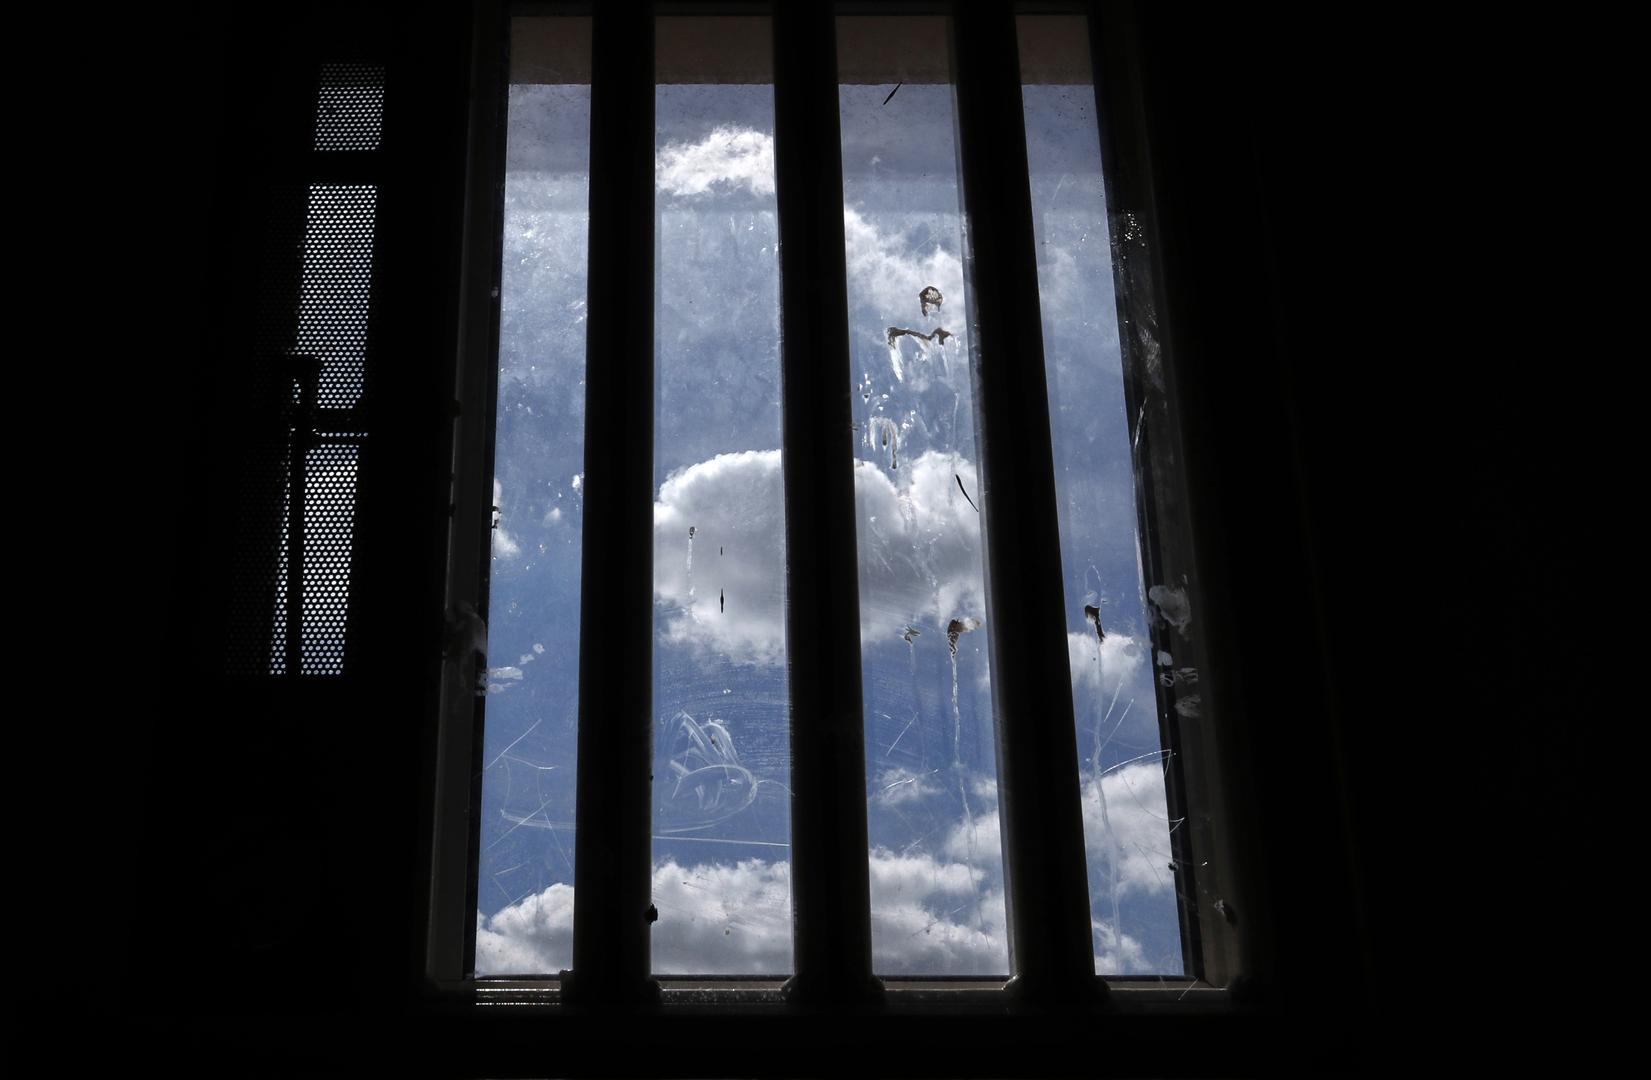 كورونا.. شهادات طيار روسي محتجز في الولايات المتحدة تسلط الضوء على الوضع الحقيقي في السجون الأمريكية